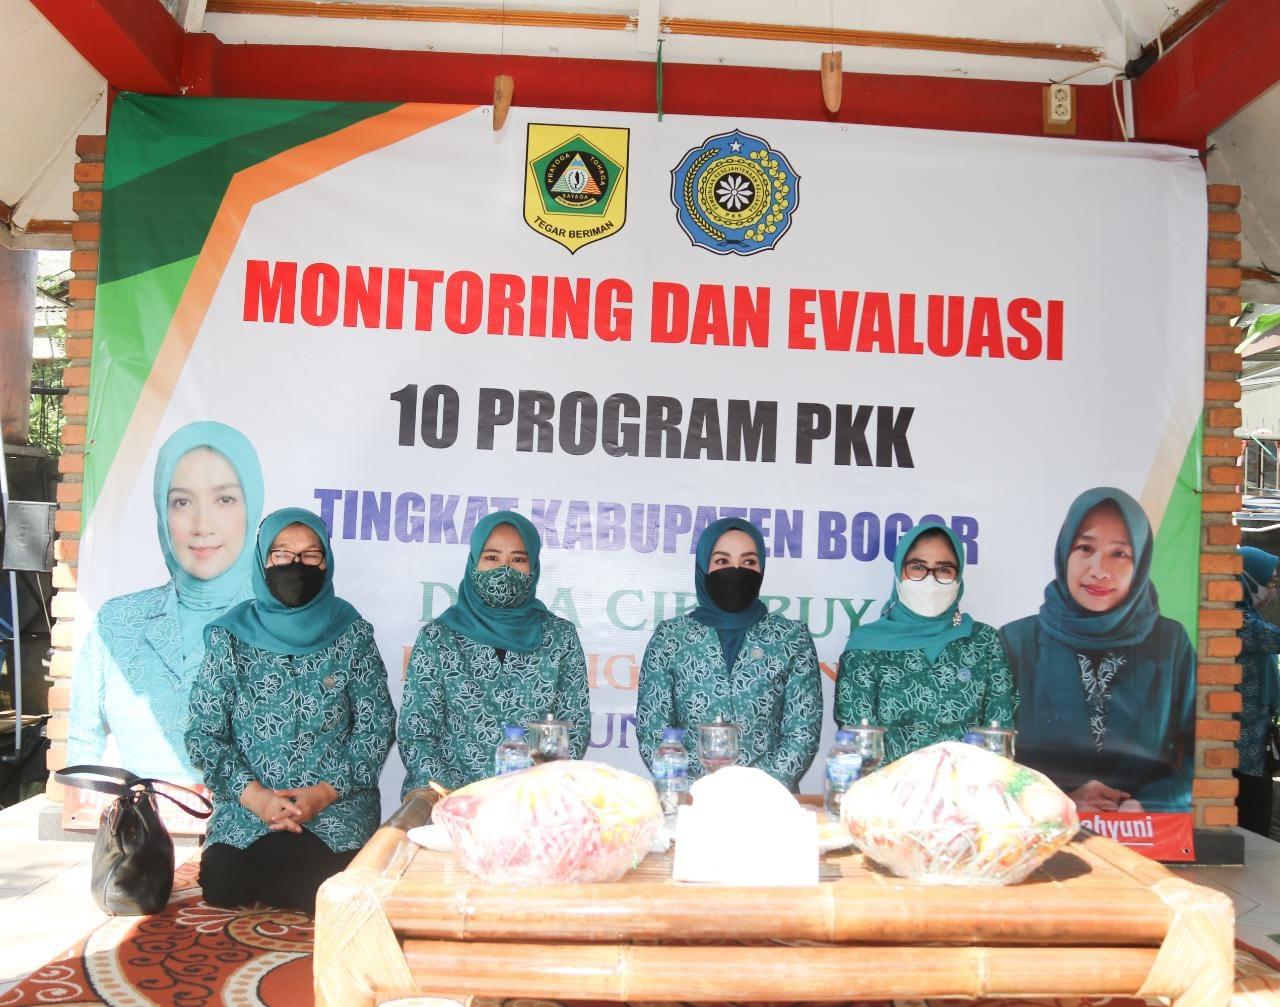 Pastikan 10 Program PKK Dilaksanakan Dengan Baik,  Ketua PKK Kabupaten Bogor Kunjungi Rumah Sehat dan TP PKK Desa Ciburuy